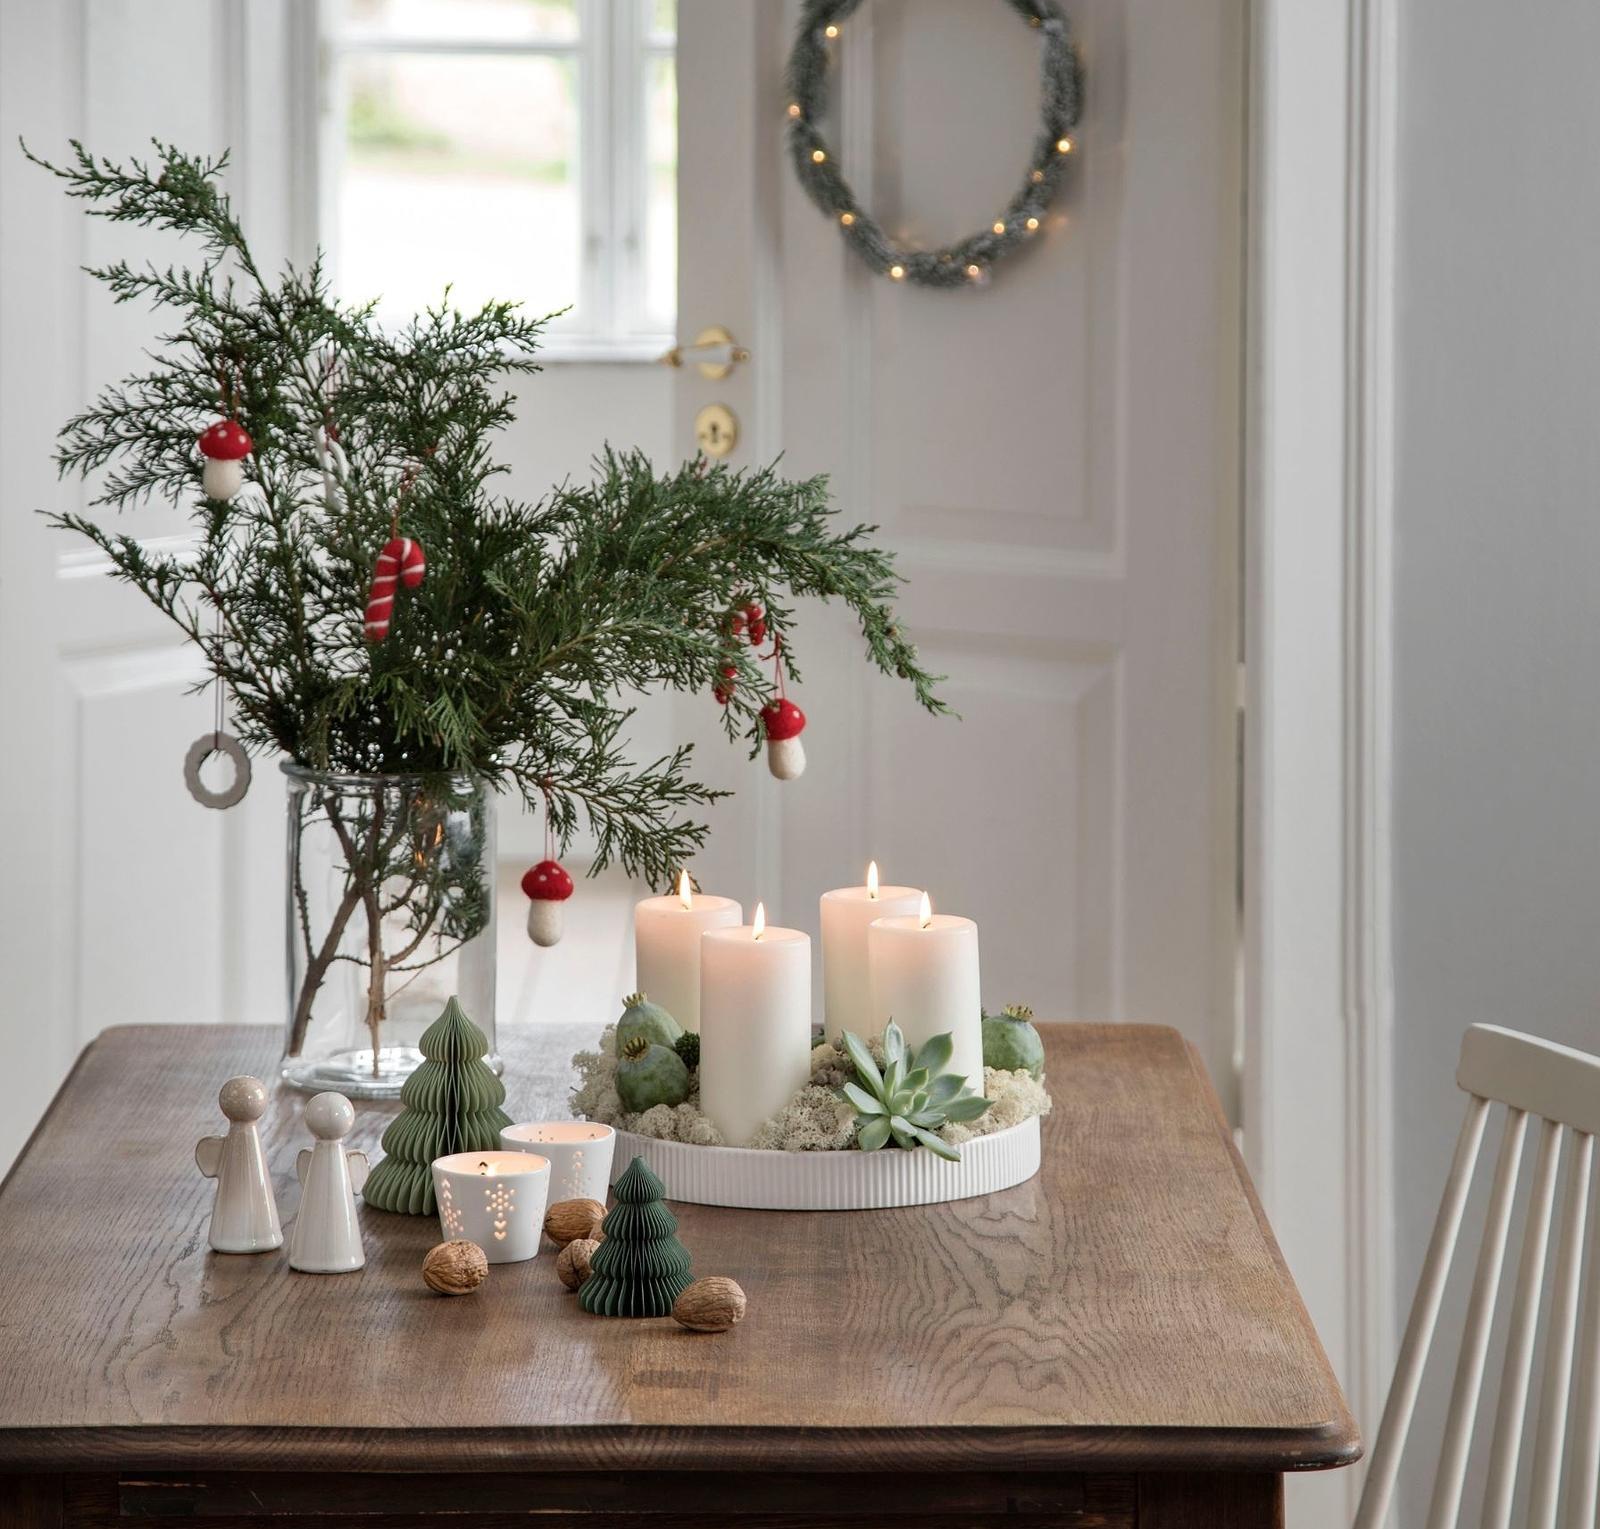 Vianočné predstavy - Obrázok č. 360